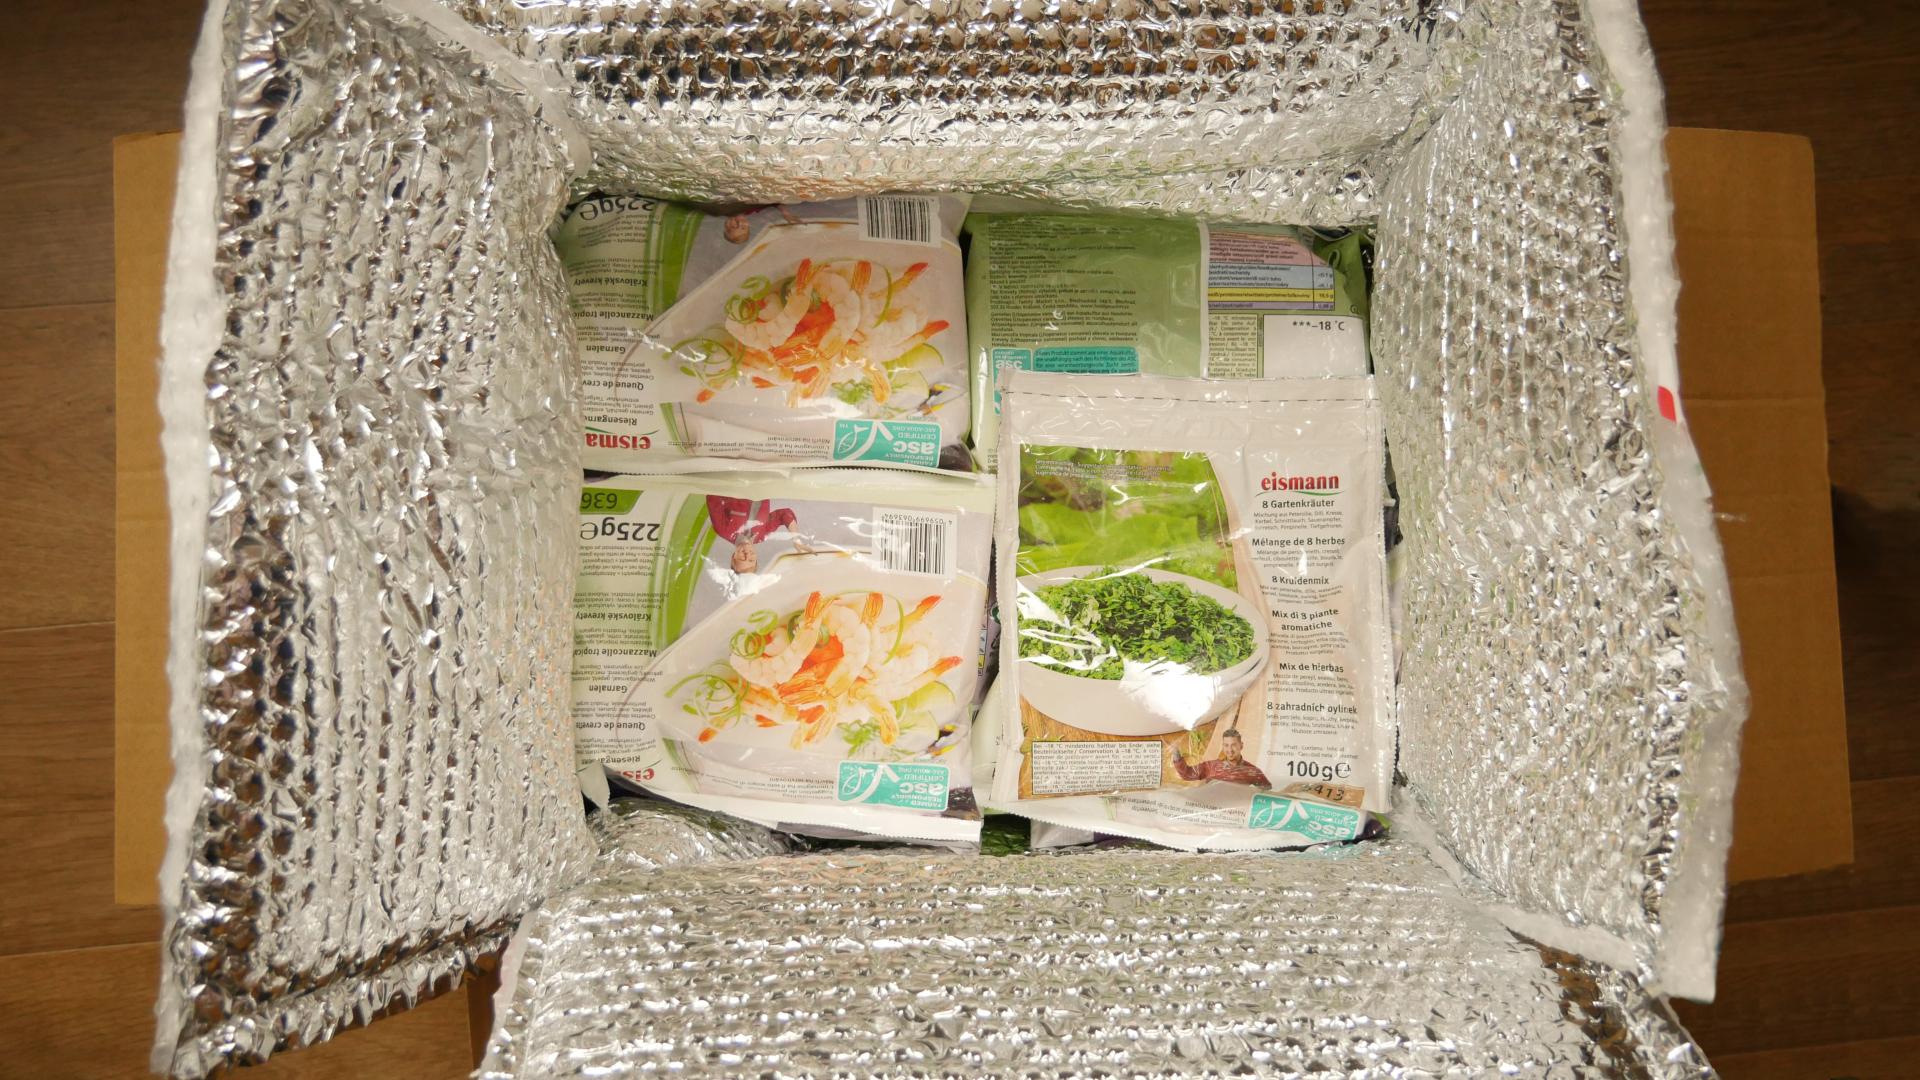 Karton mit durch Trockeneis gekühlter, eismann Lebensmittel